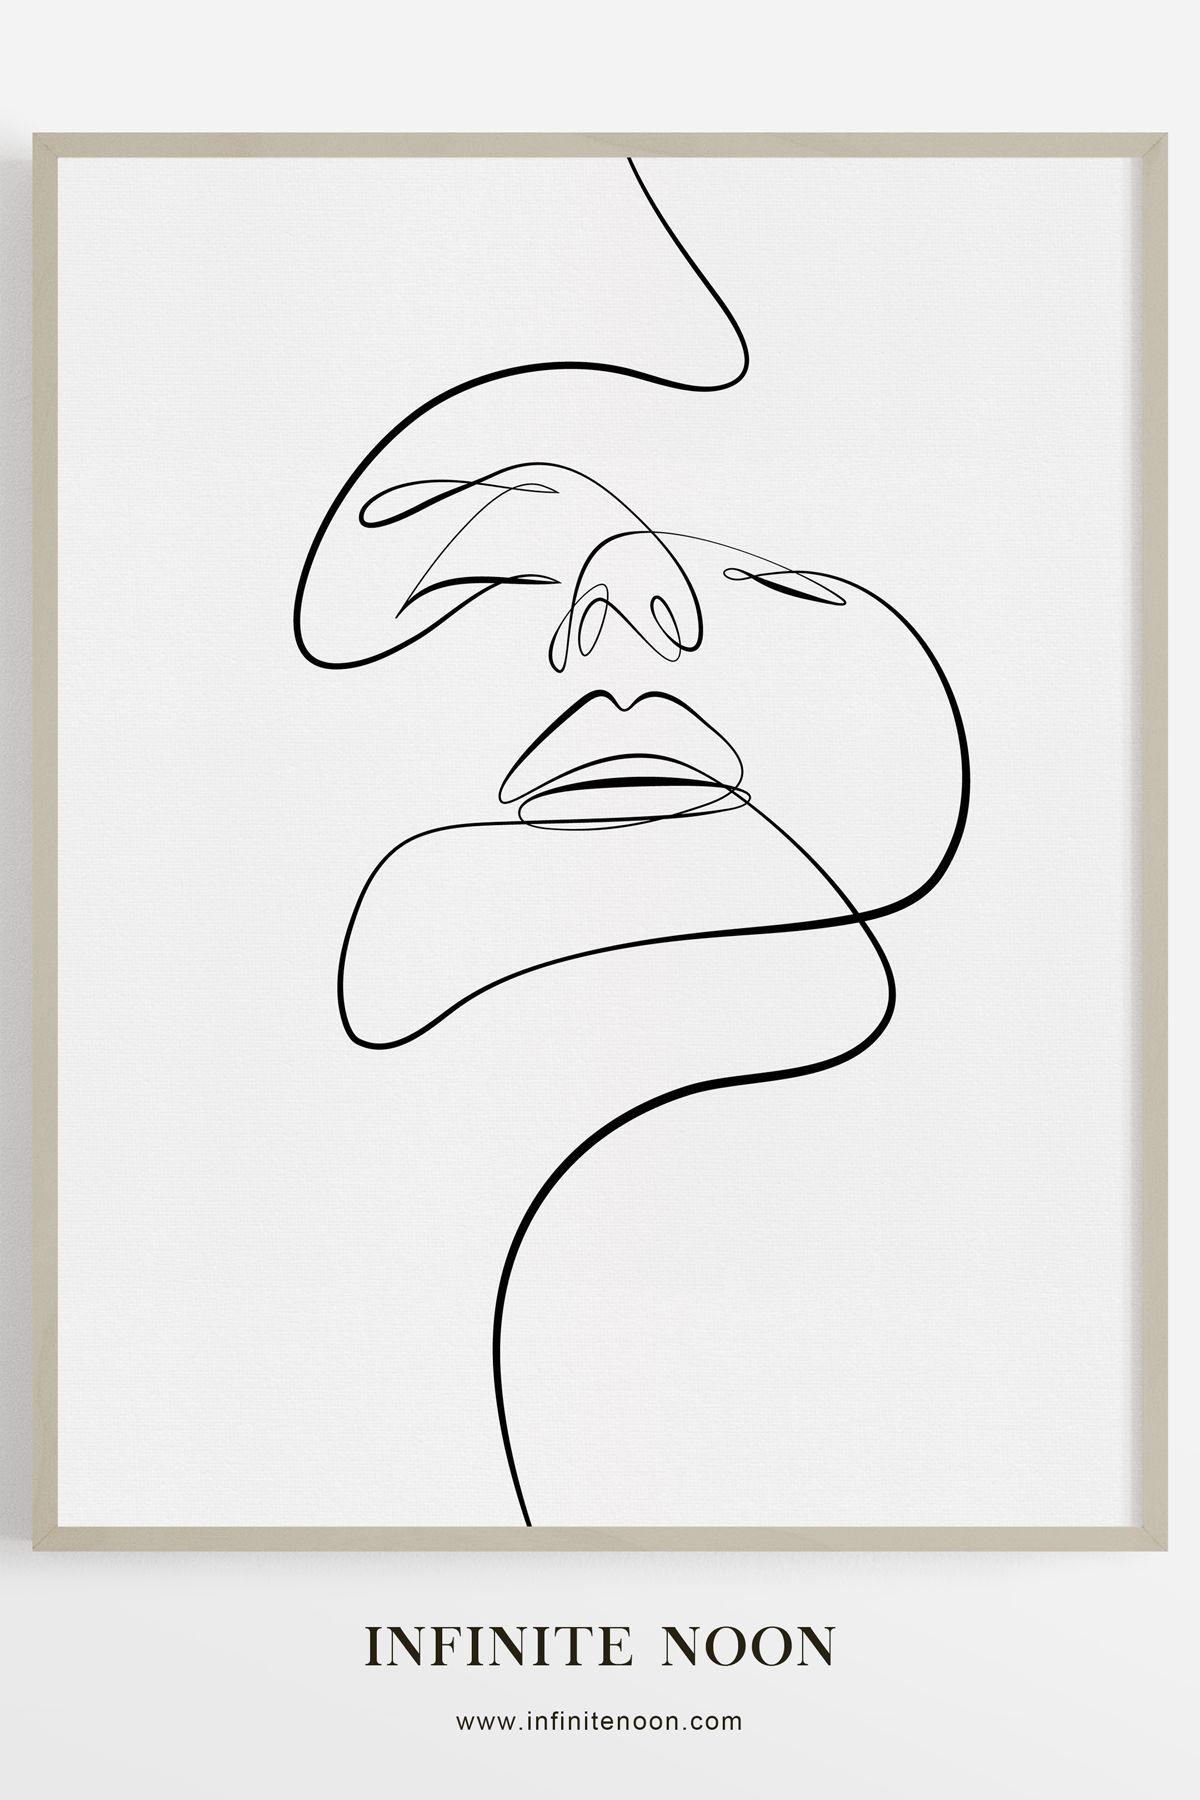 Démêler #abstraktezeichnungen Abstract Face doodle dessin imprimé, ligne simpliste figure croquis art mural, art mural minimaliste, noir et blanc minimal ...